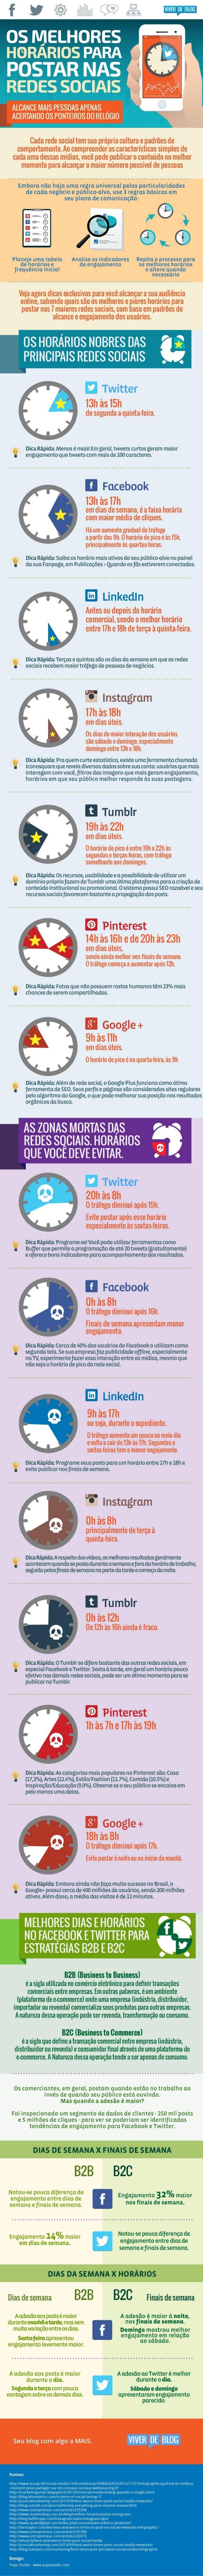 Infográfico: Os melhores horários para publicar nas redes sociaisInfográfico: Os melhores horários para publicar nas redes...